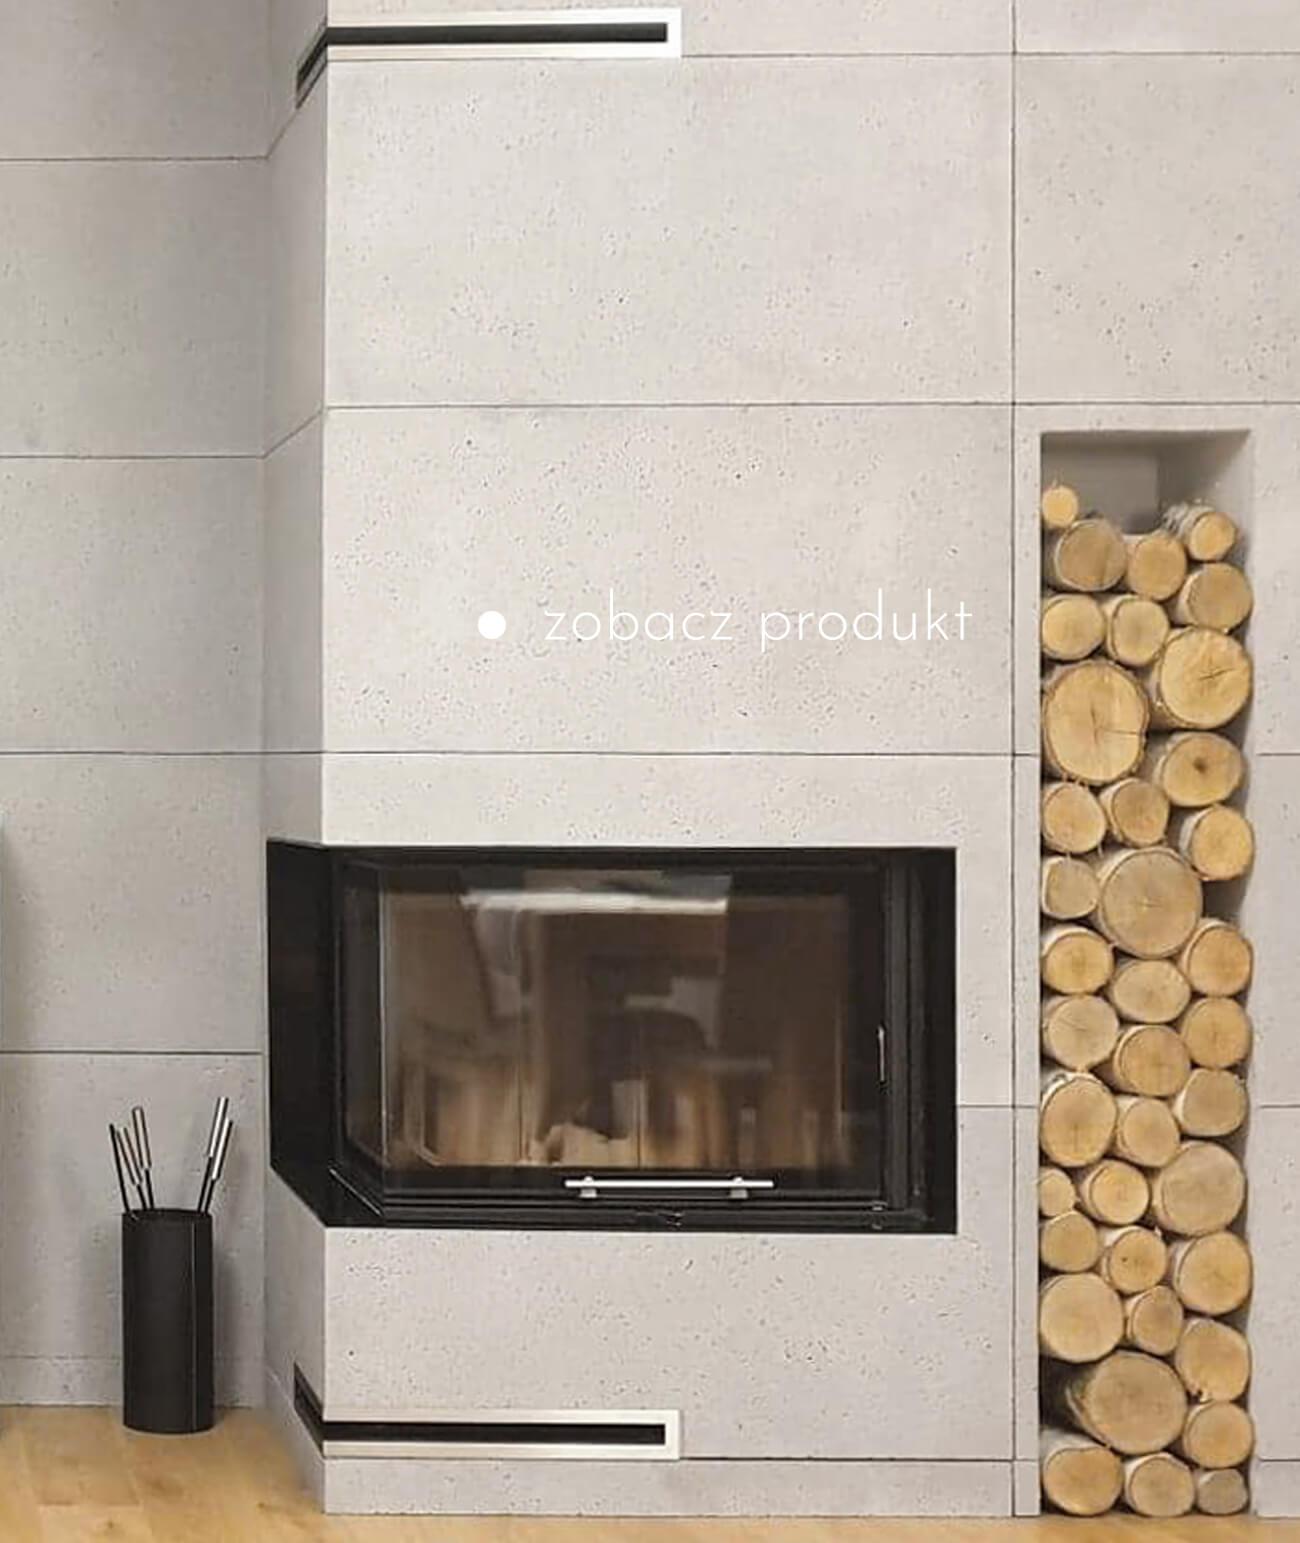 plyty-betonowe-scienne-i-elewacyjne-beton-architektoniczny_1111-24061-ds-jasny-szary---plyta-beton-architektoniczny-grc-rozne-wymiary-ultralekka